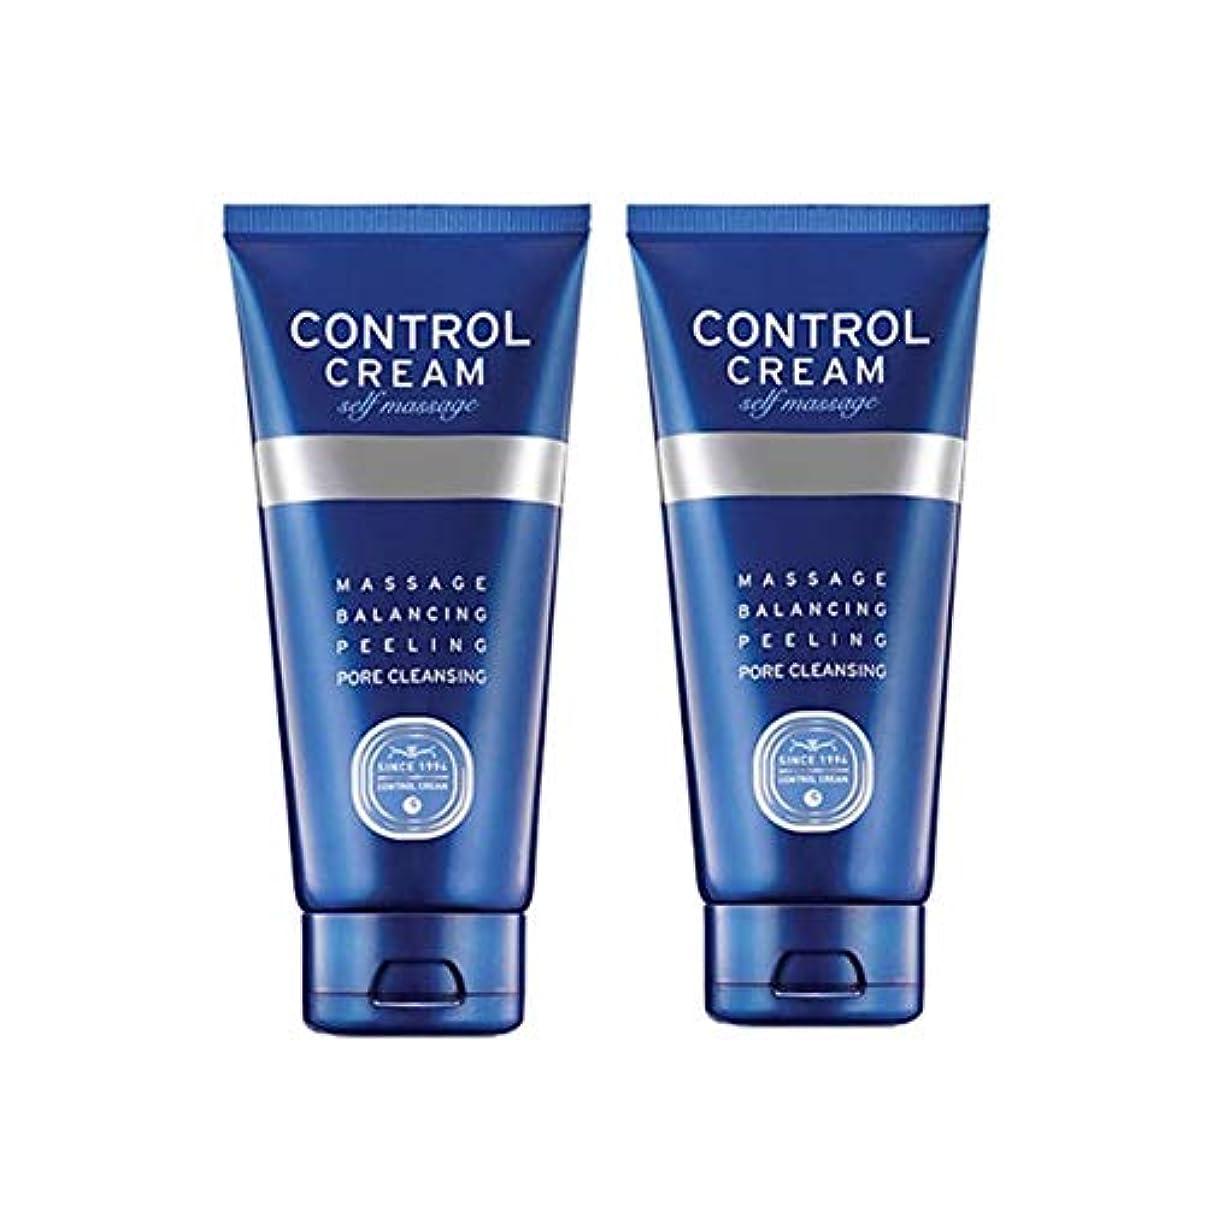 構造感情の摂氏度チャムジョンコントロールクリームセルフマッサージ150ml x 2本セット、Charmzone Control Cream Self Massage 150ml x 2ea Set [並行輸入品]